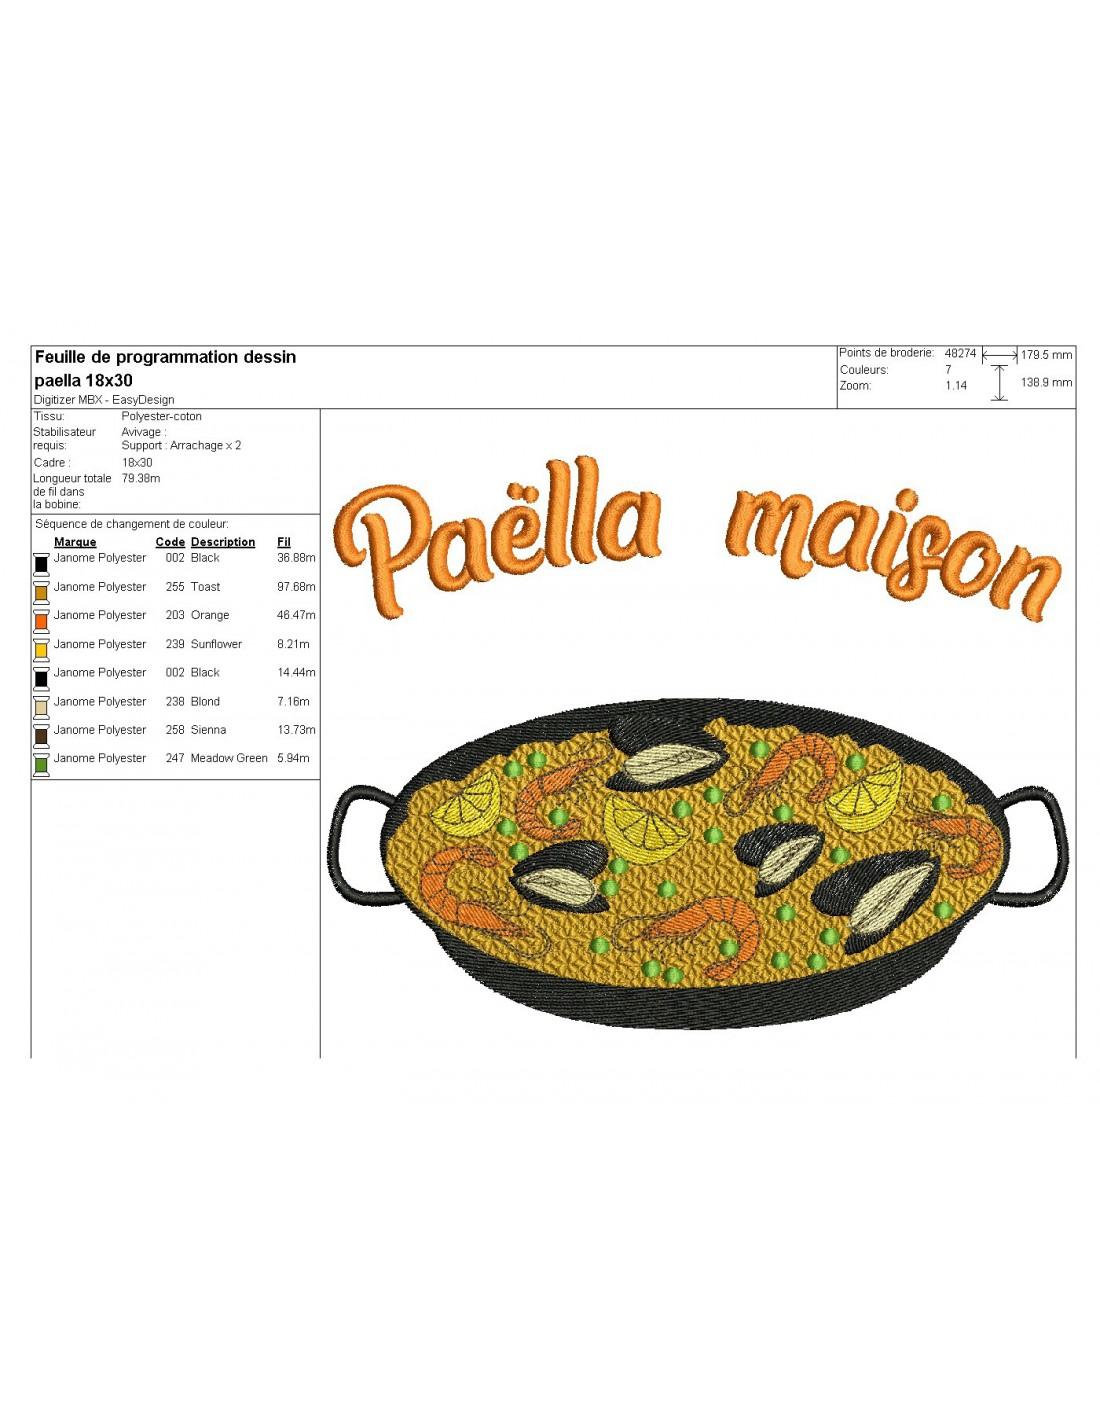 Dessin Paella embroidery design paella